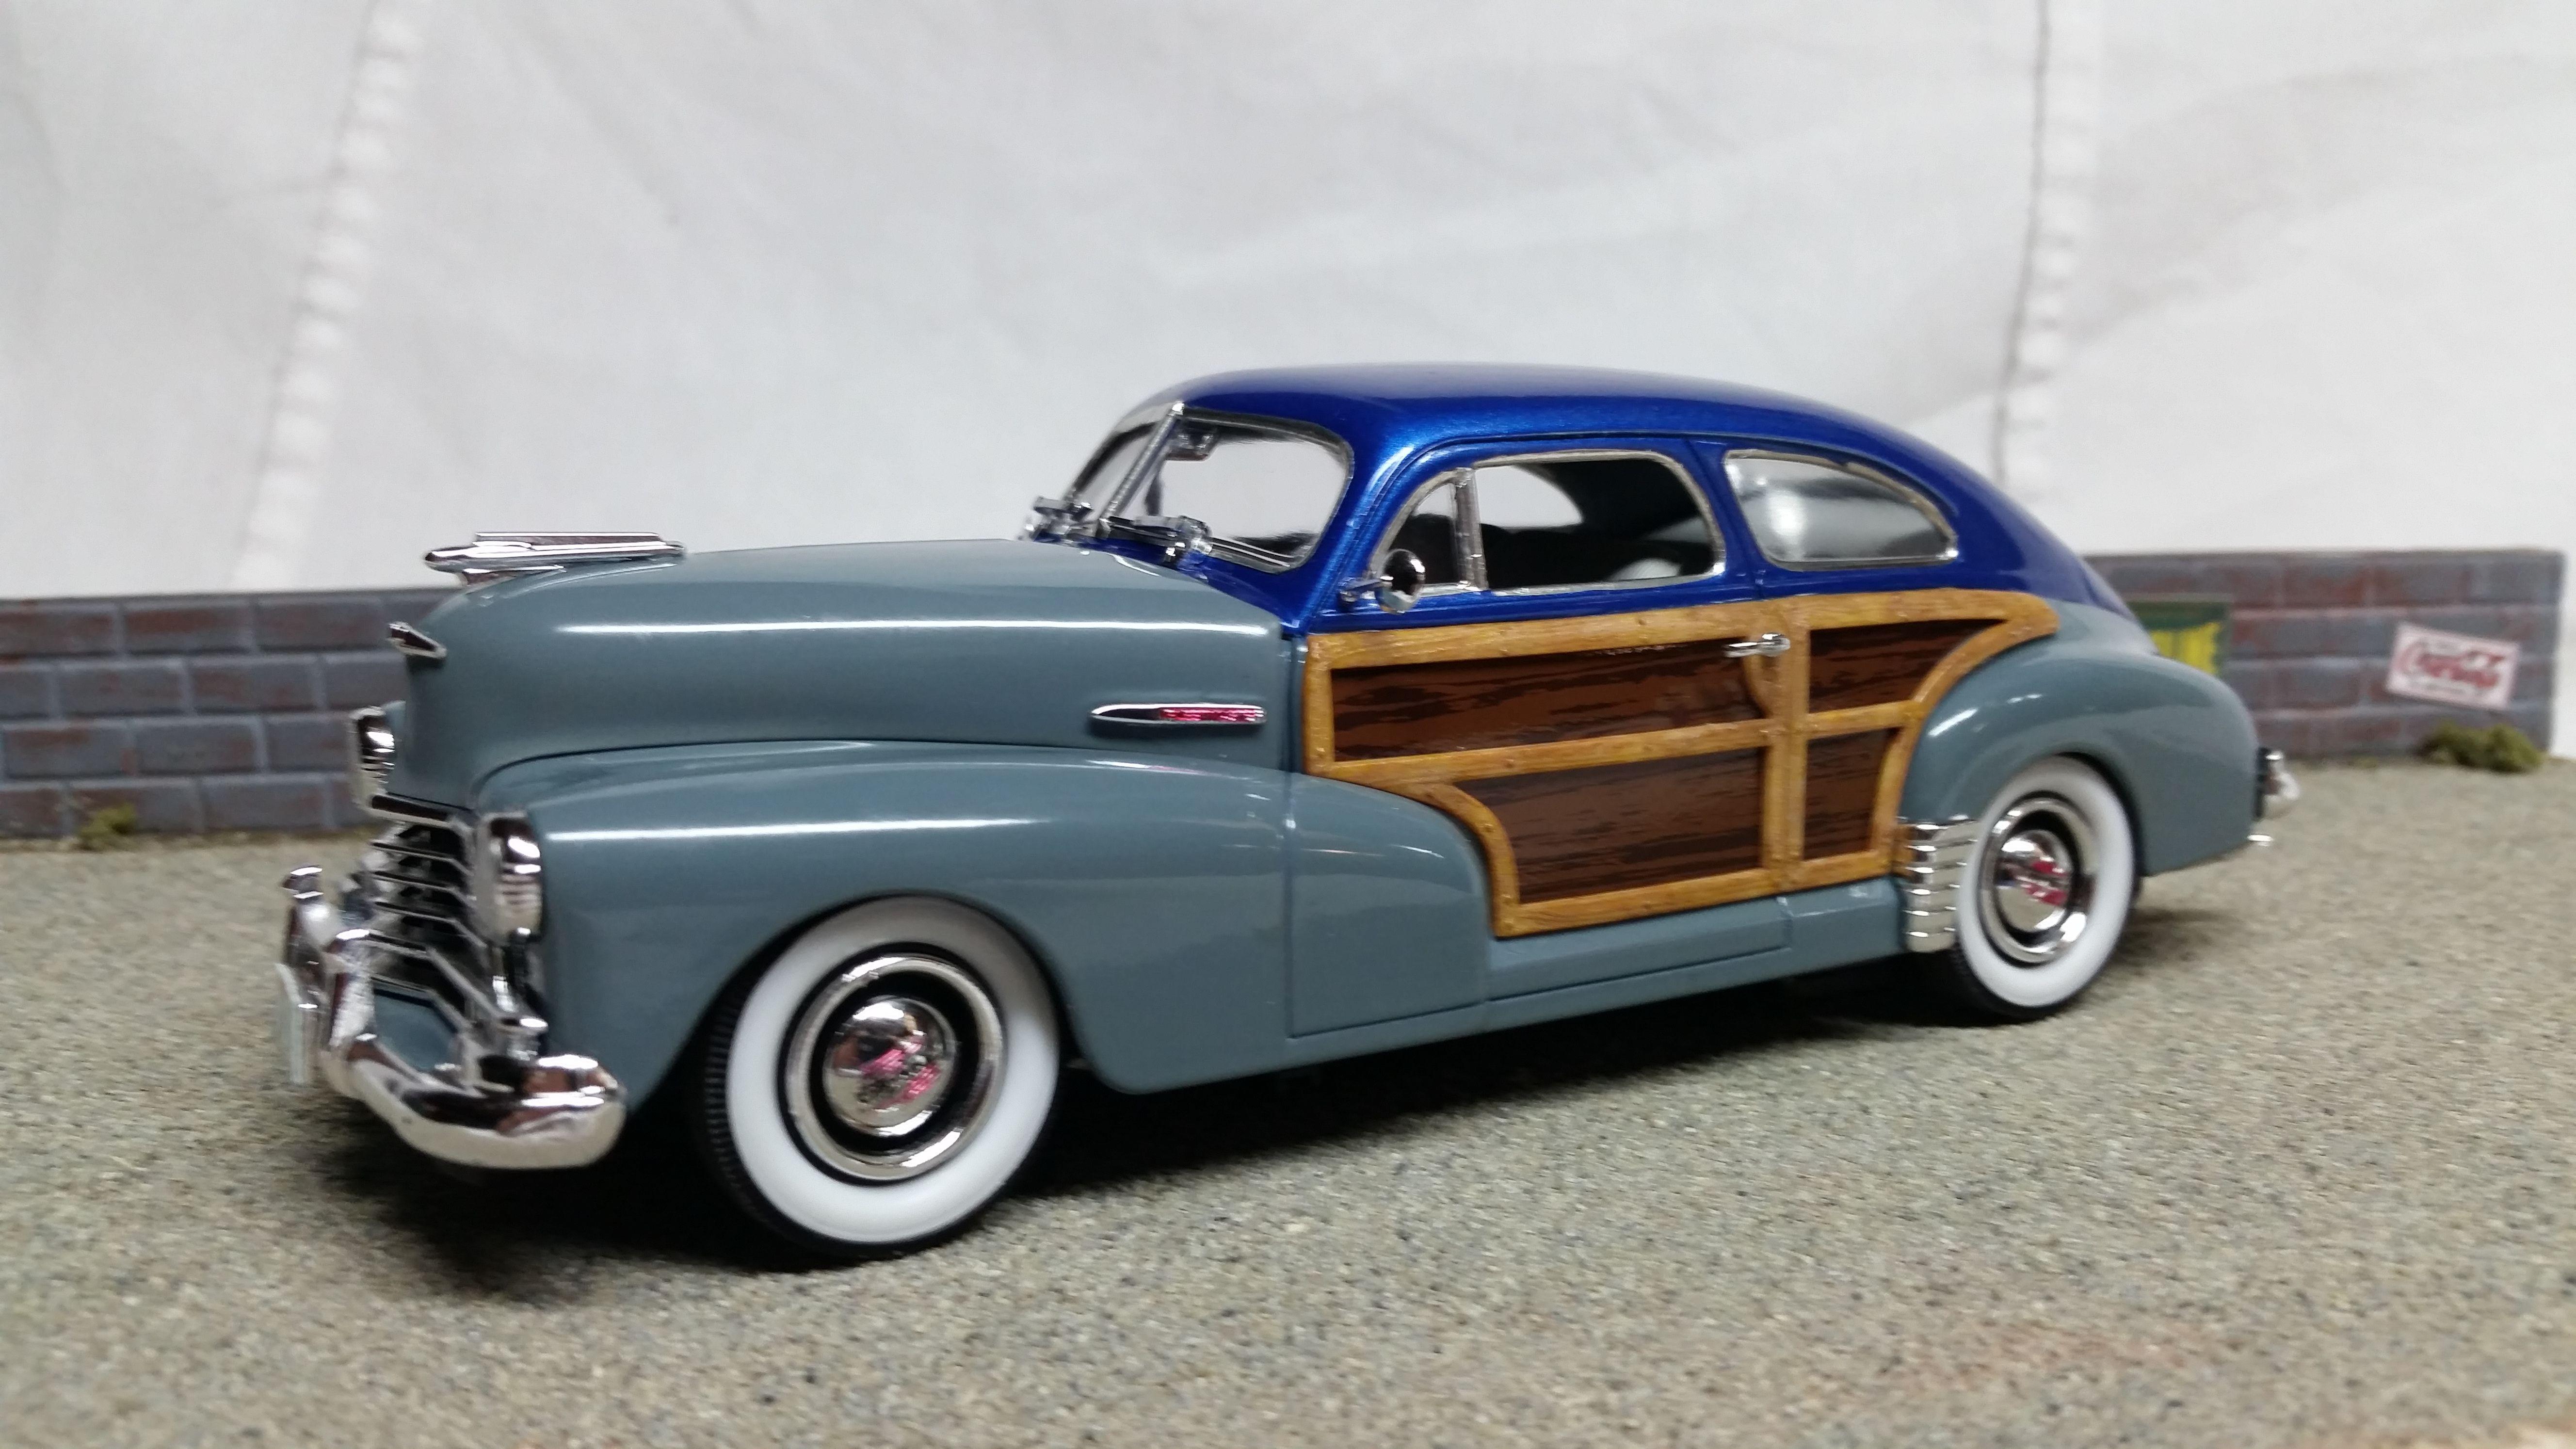 46 47 Chevrolet Fleetline Plastic Model Cars Car Model